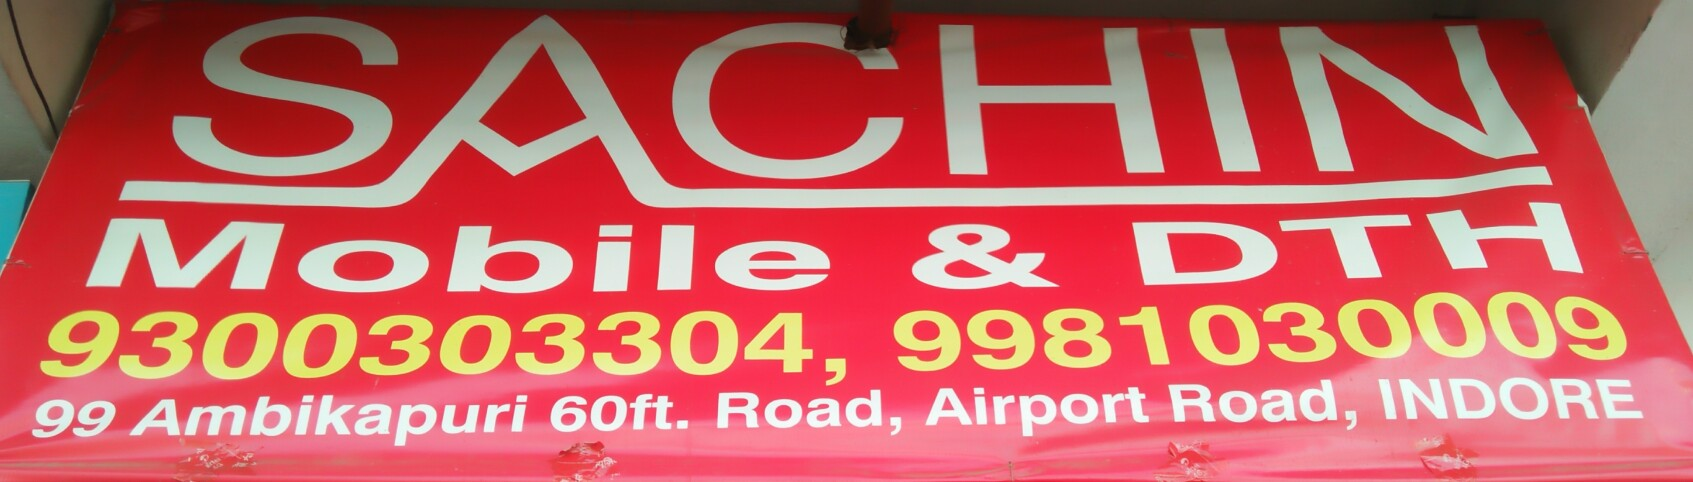 Sachin mobile store